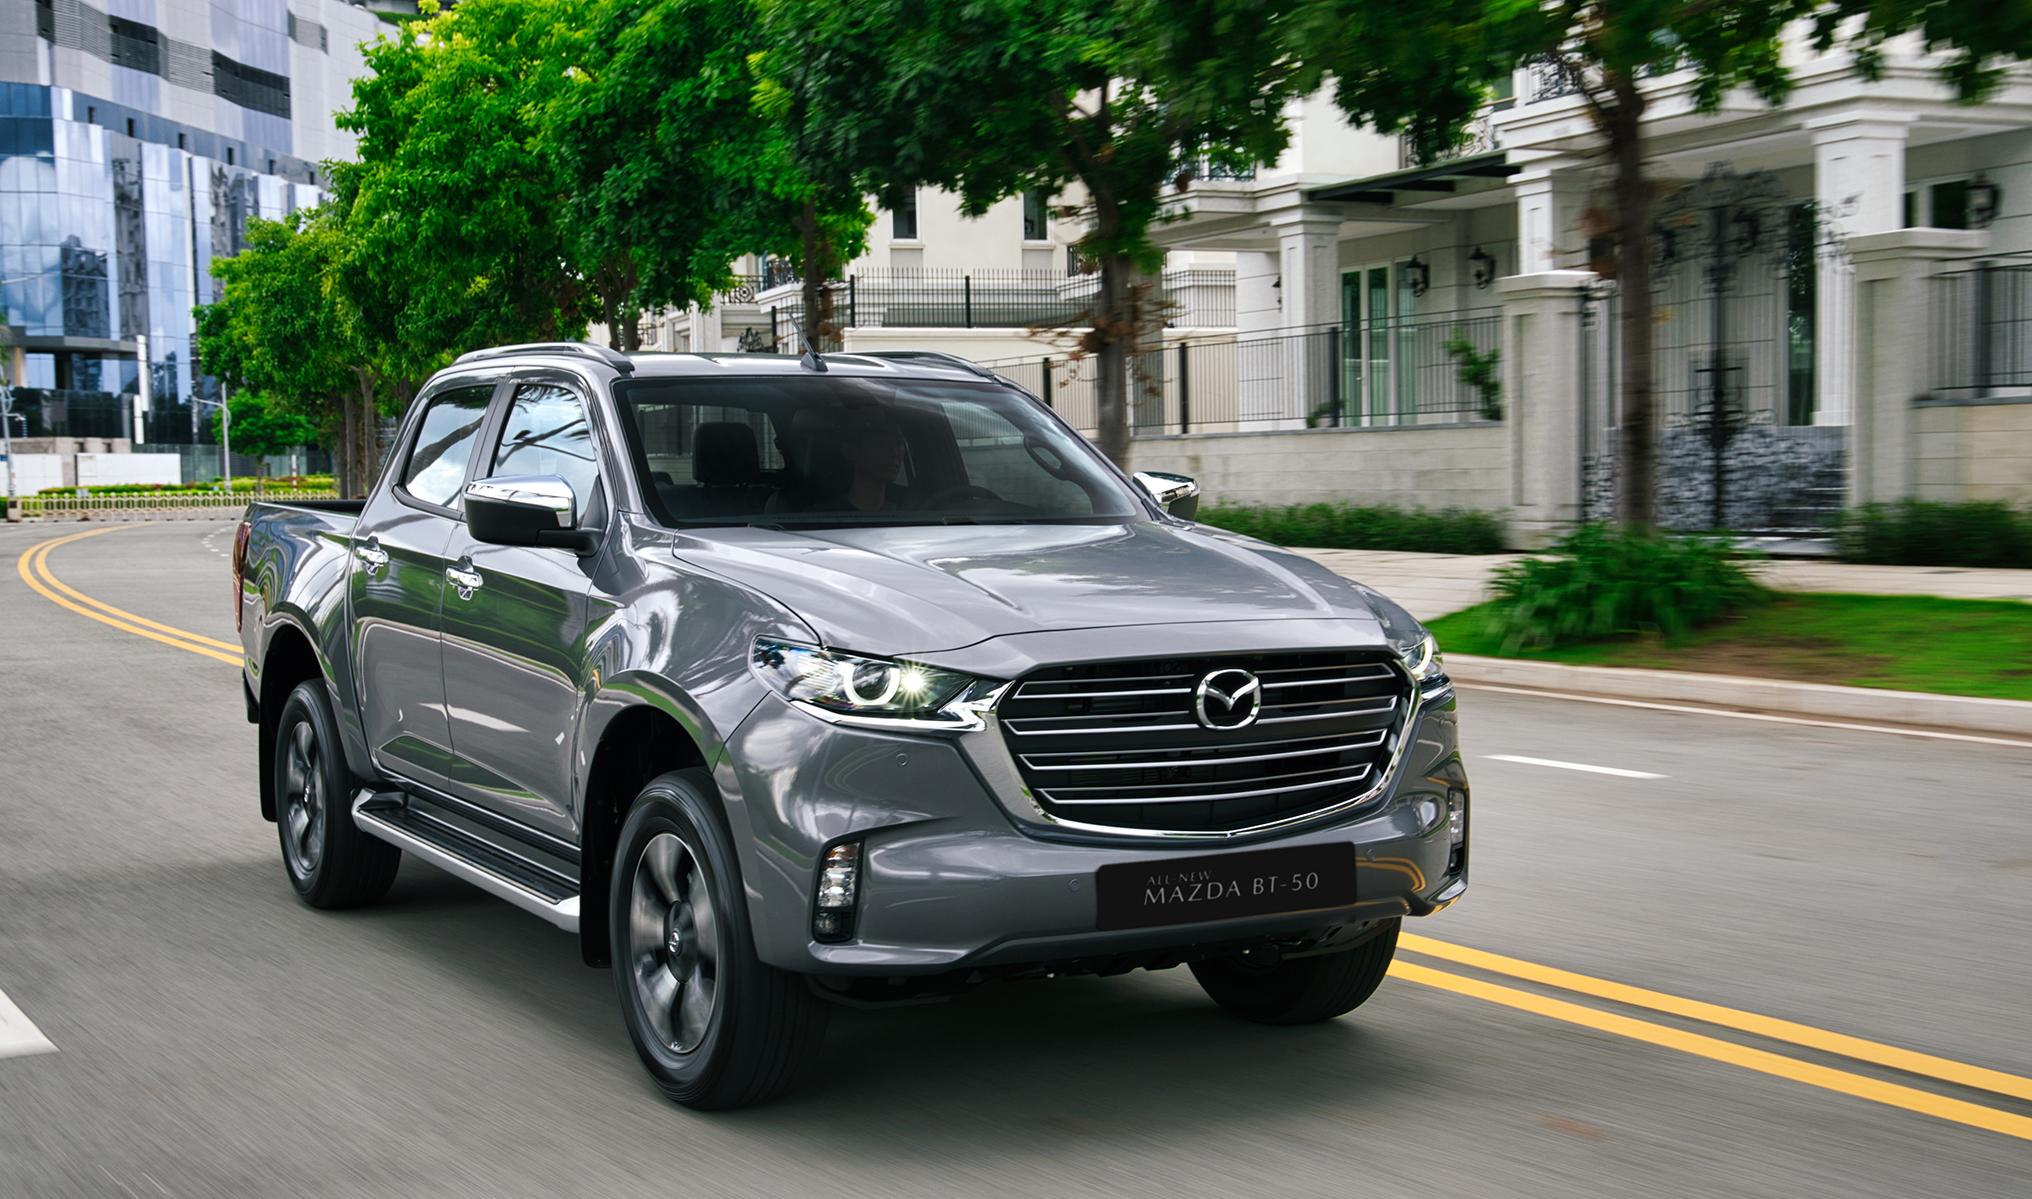 Mazda BT-50 mới tại Việt Nam. Ảnh: Thaco